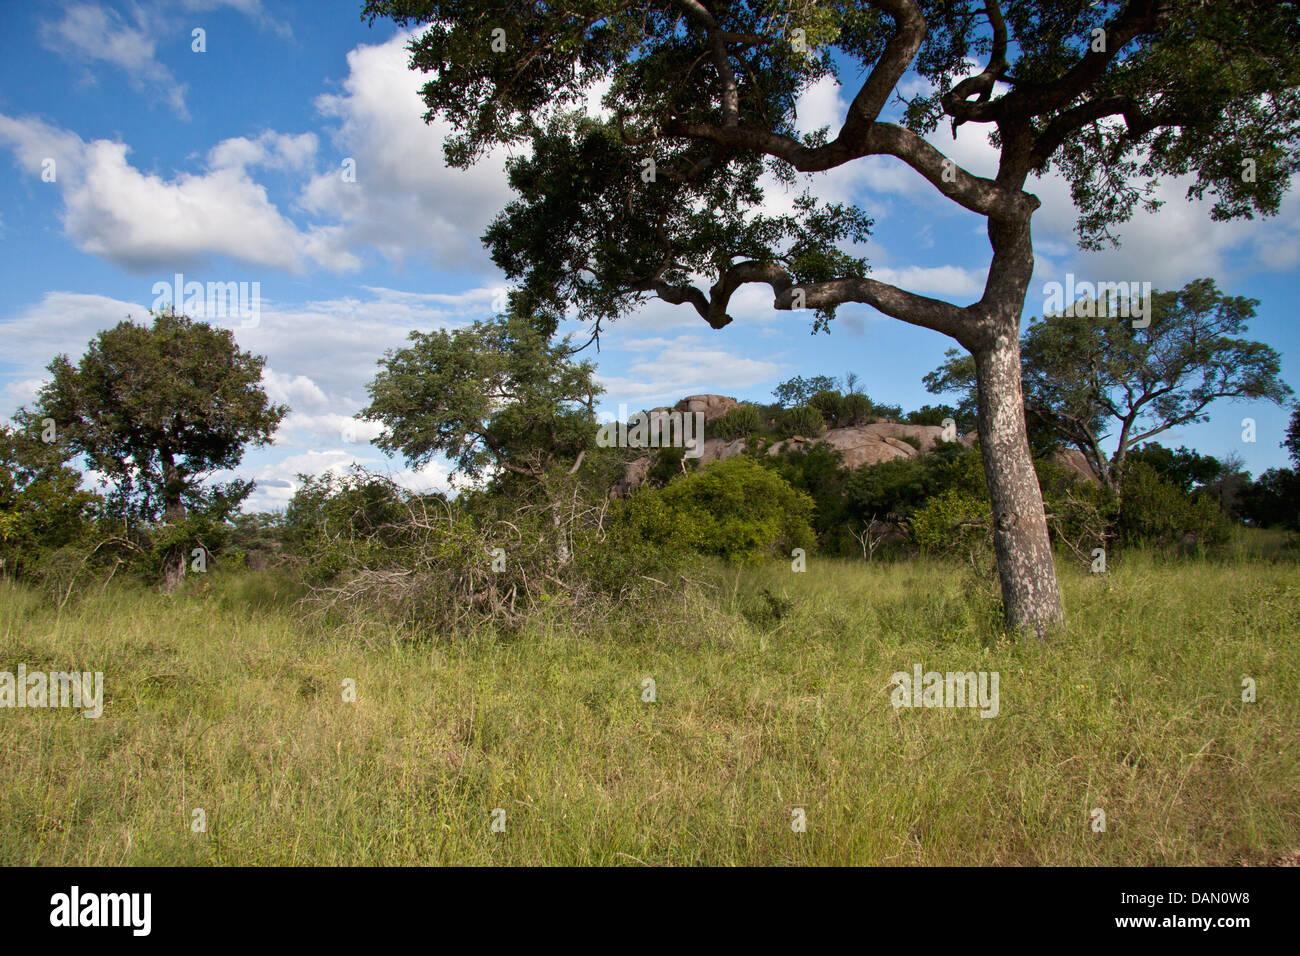 kruger national park, south africa - Stock Image